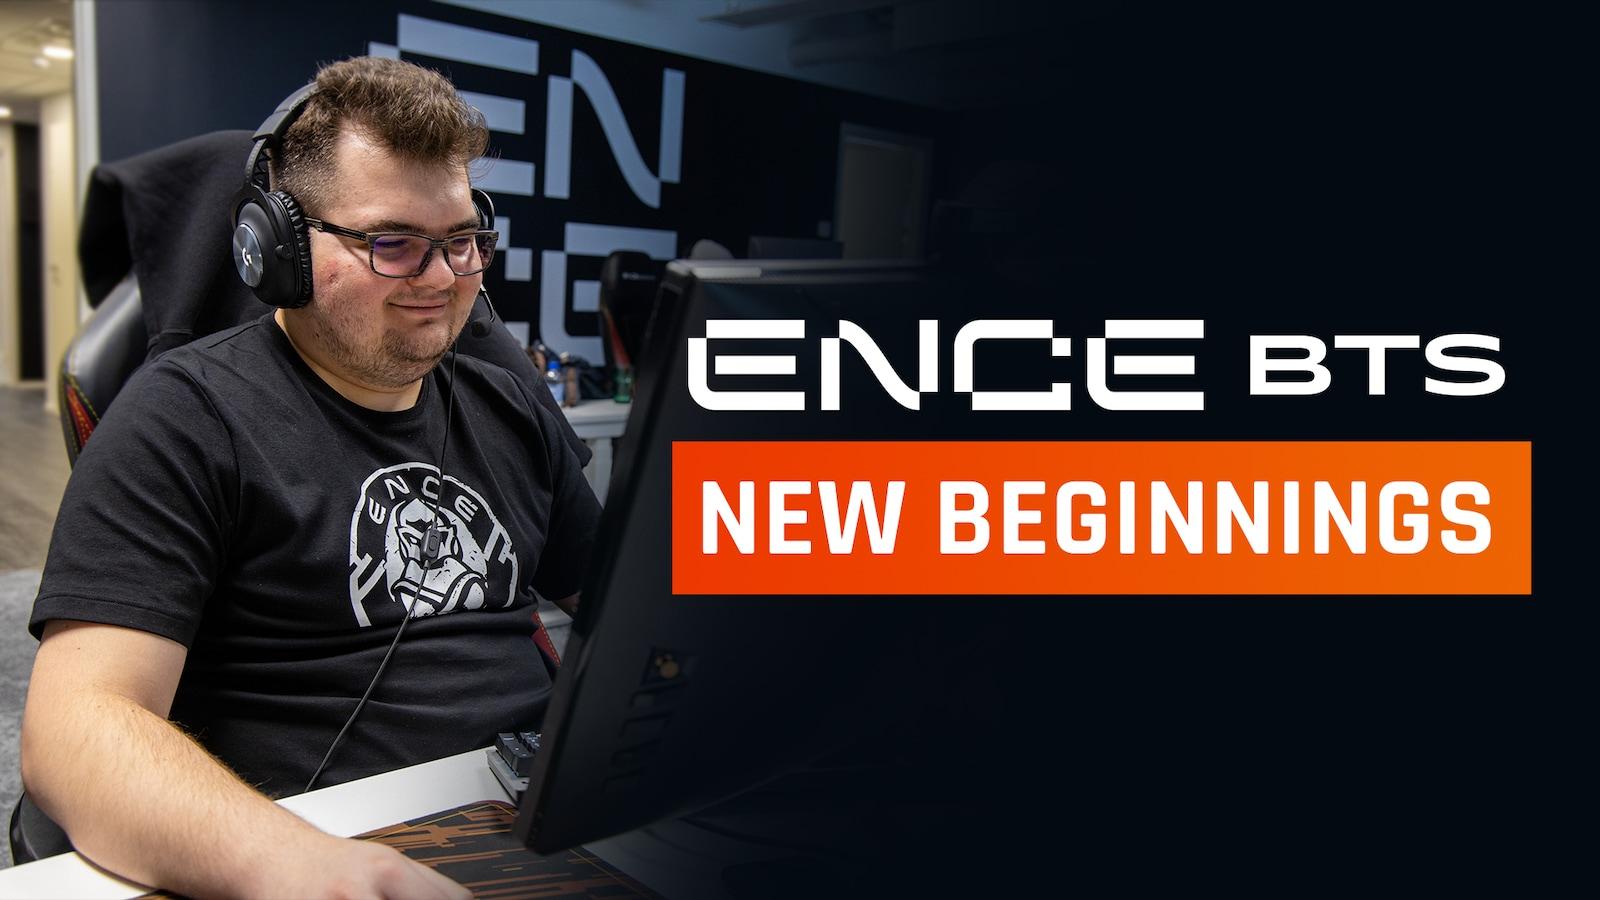 3. ENCE Behind the Scenes - New Beginnings